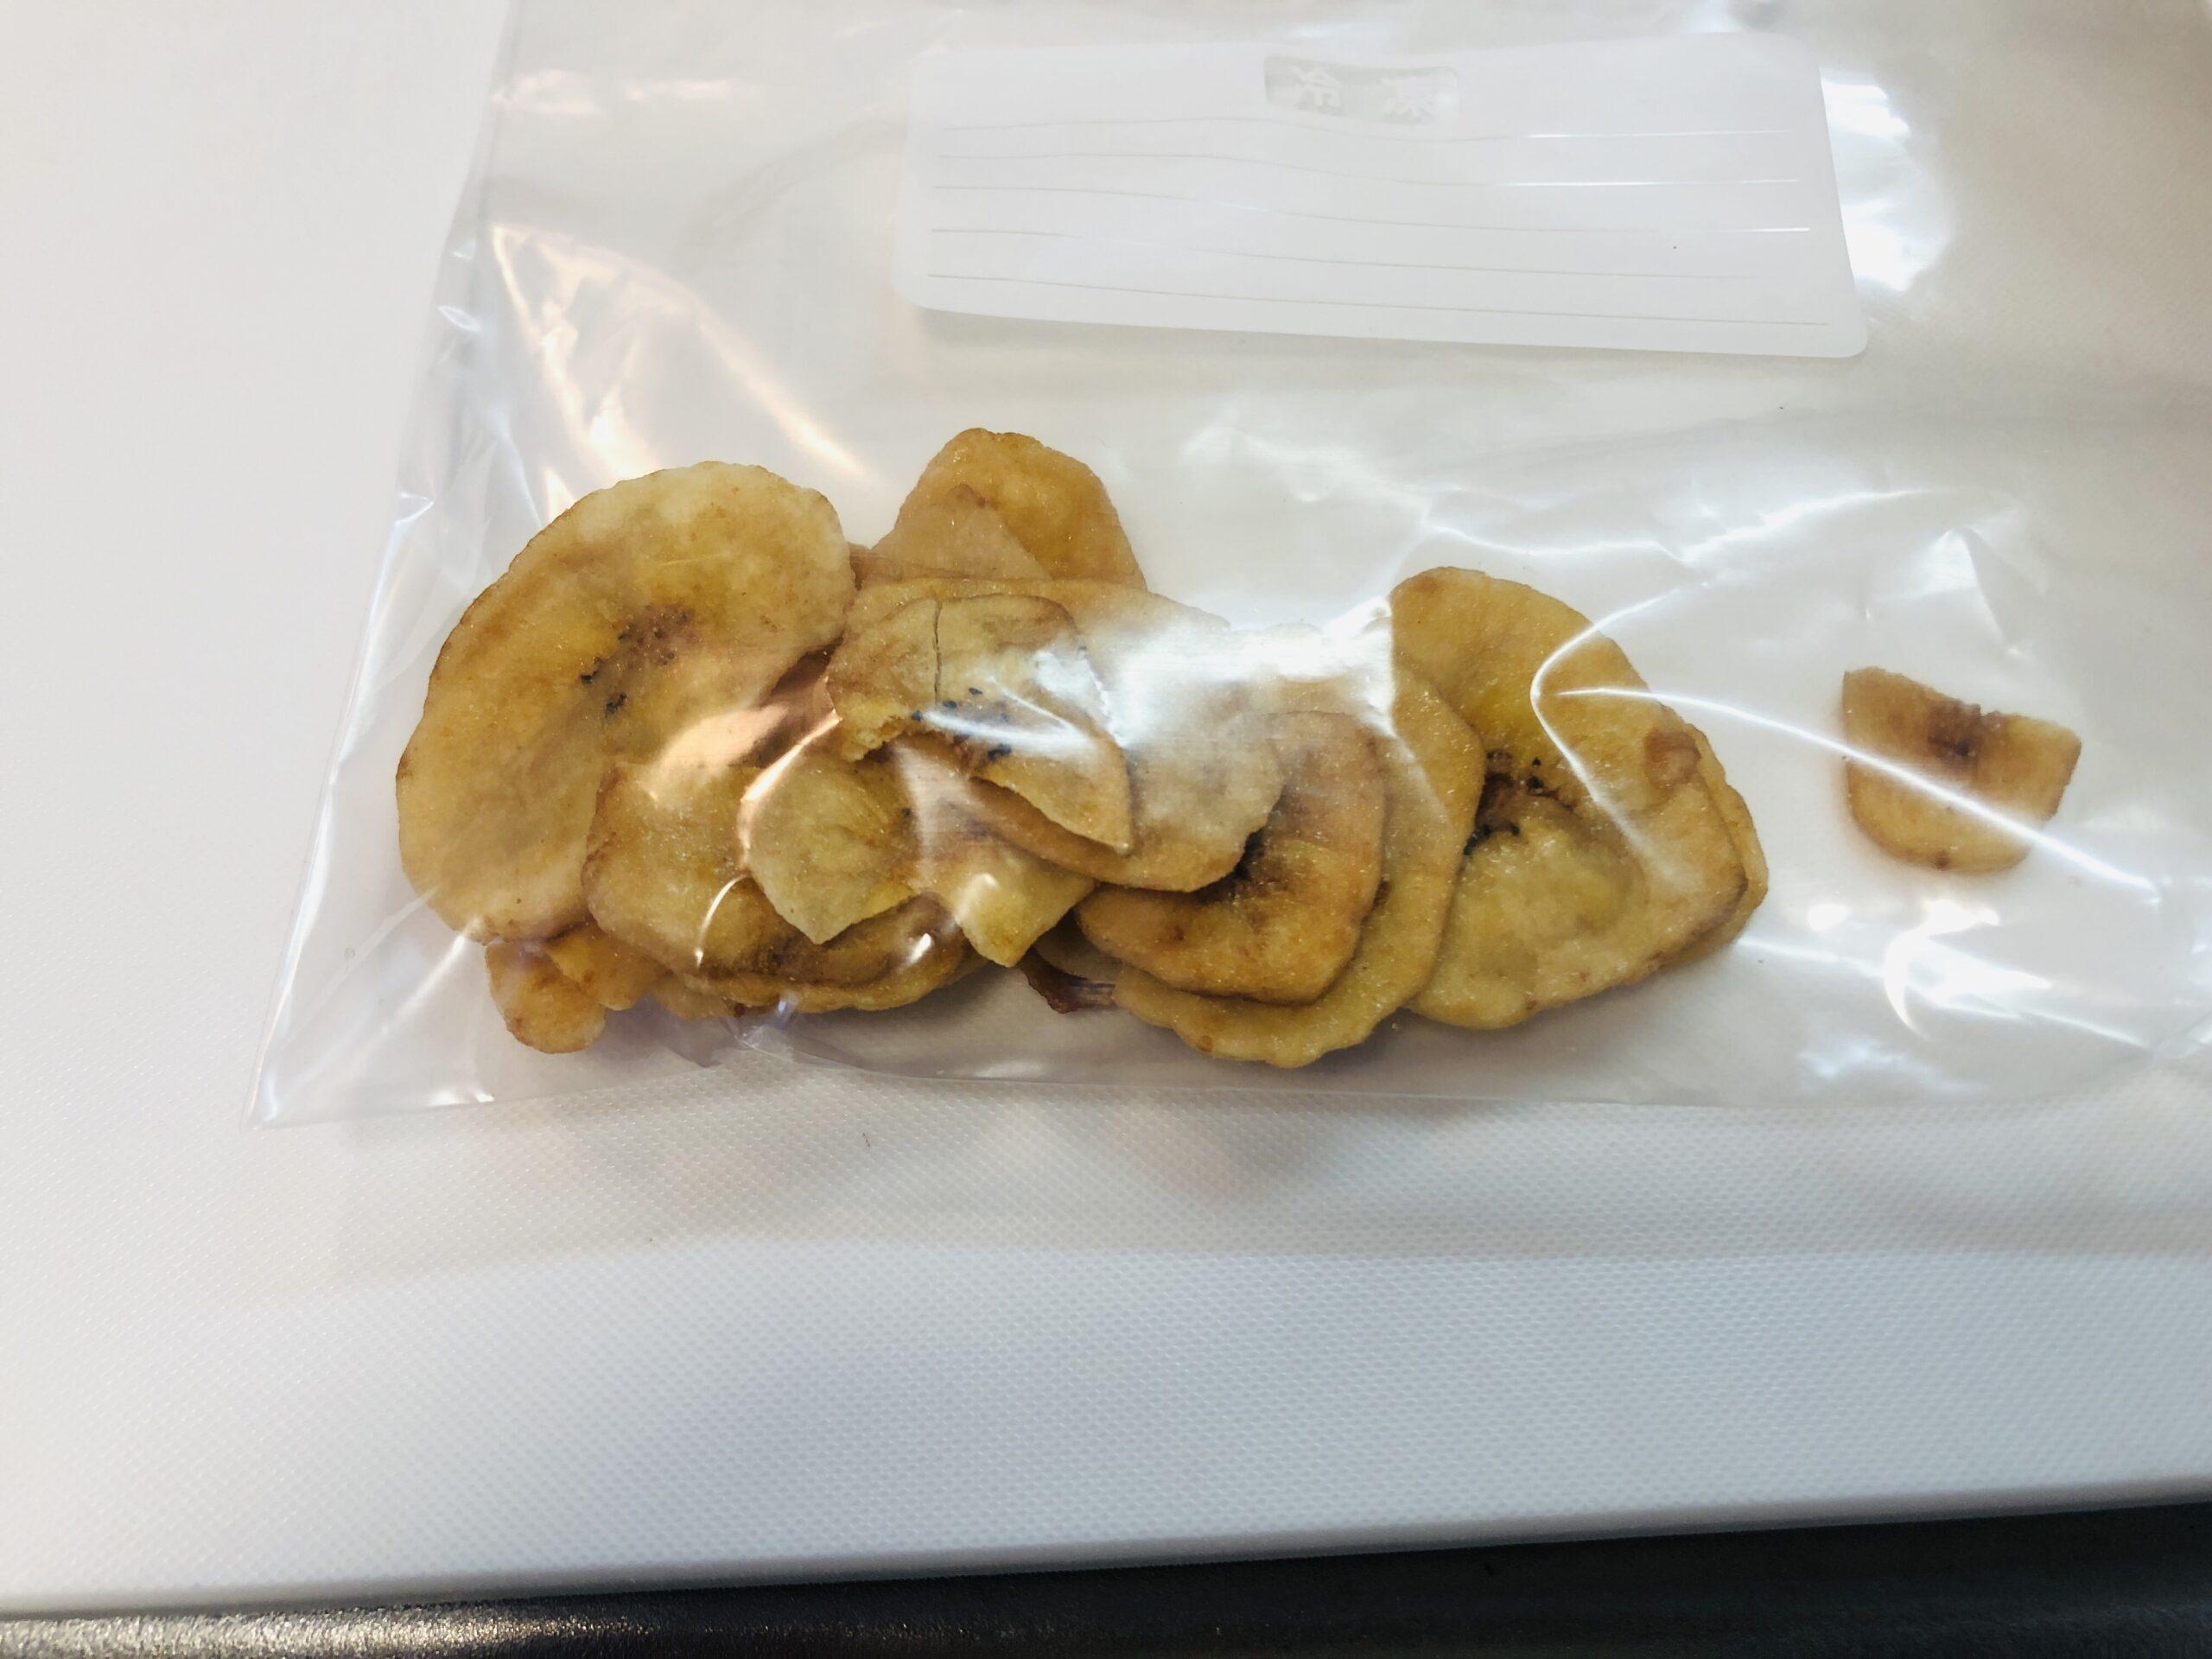 袋に入れたバナナチップスの画像です